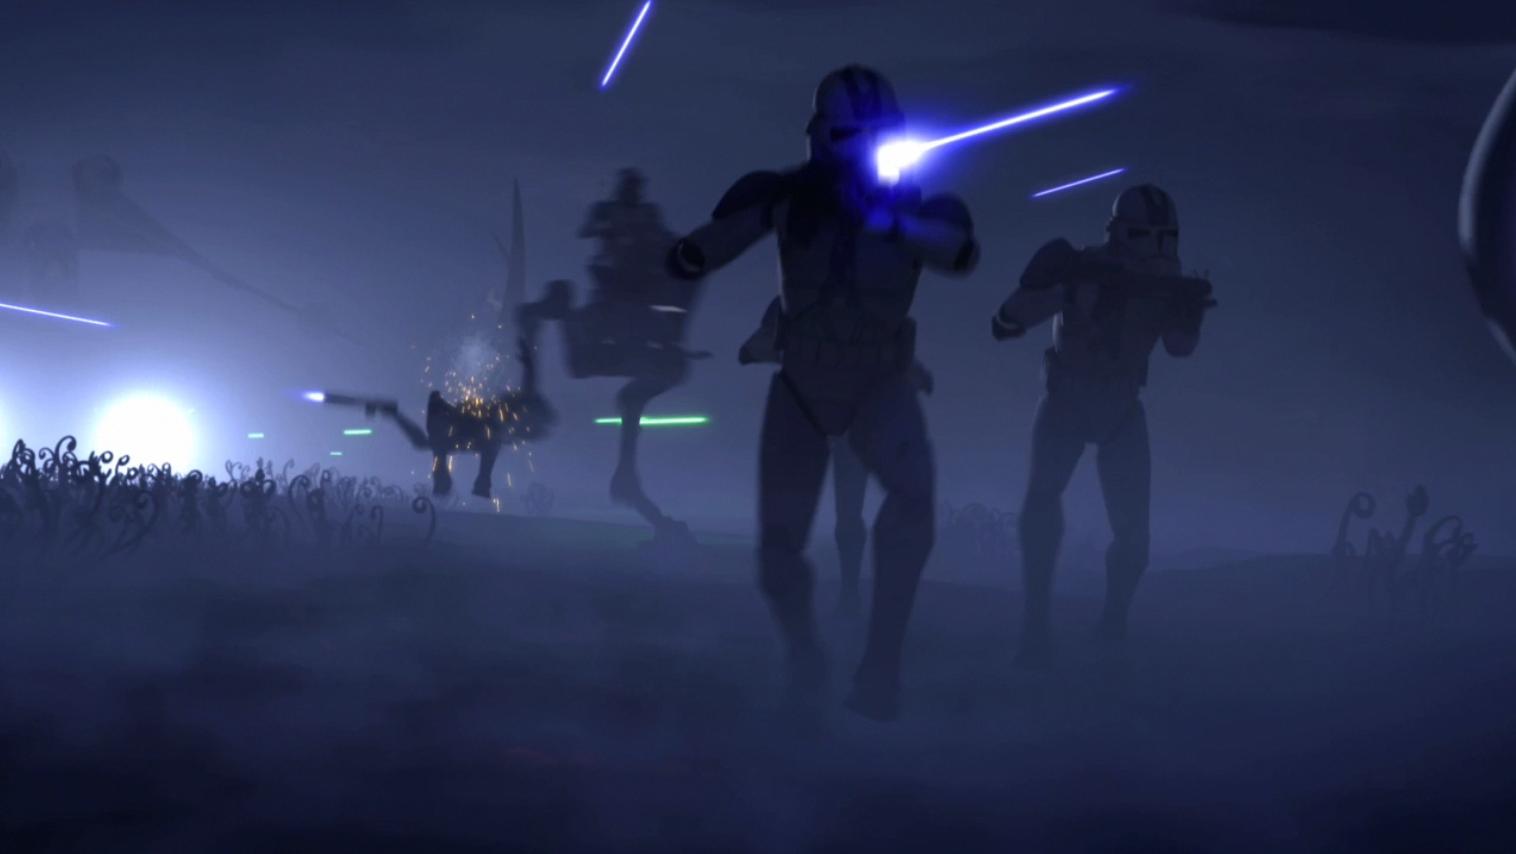 420 Blaze It Star Wars Clone Wars Clone Wars 501st Legion